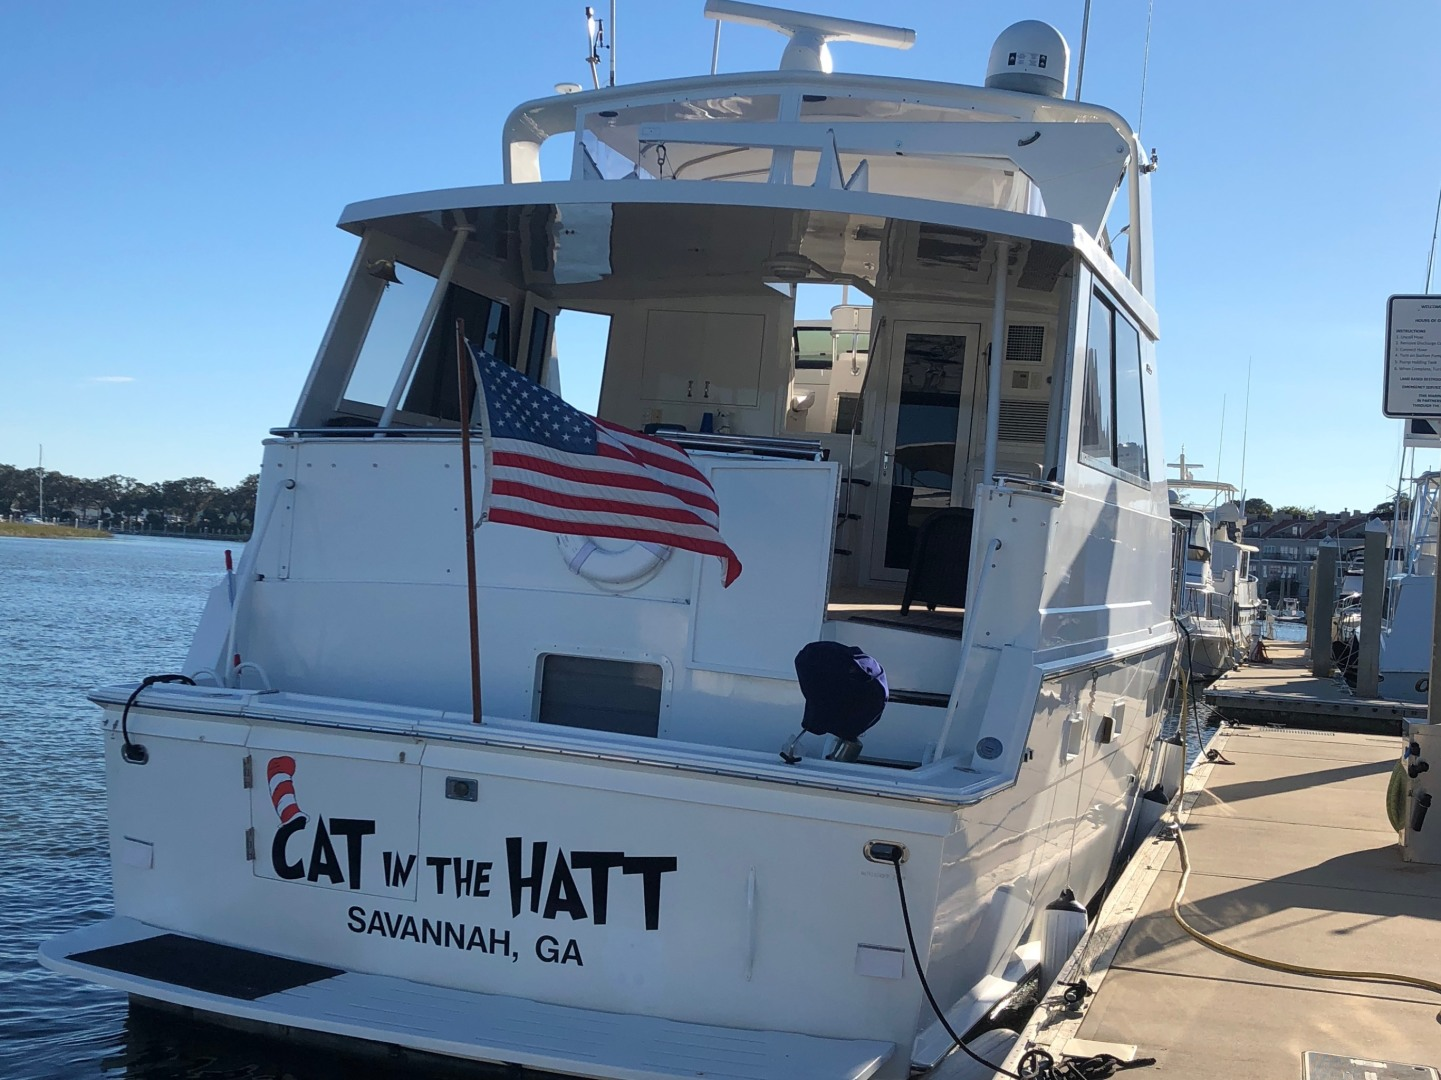 52' Hatteras 1991 Cockpit Motor Yacht Cat in the Hatt